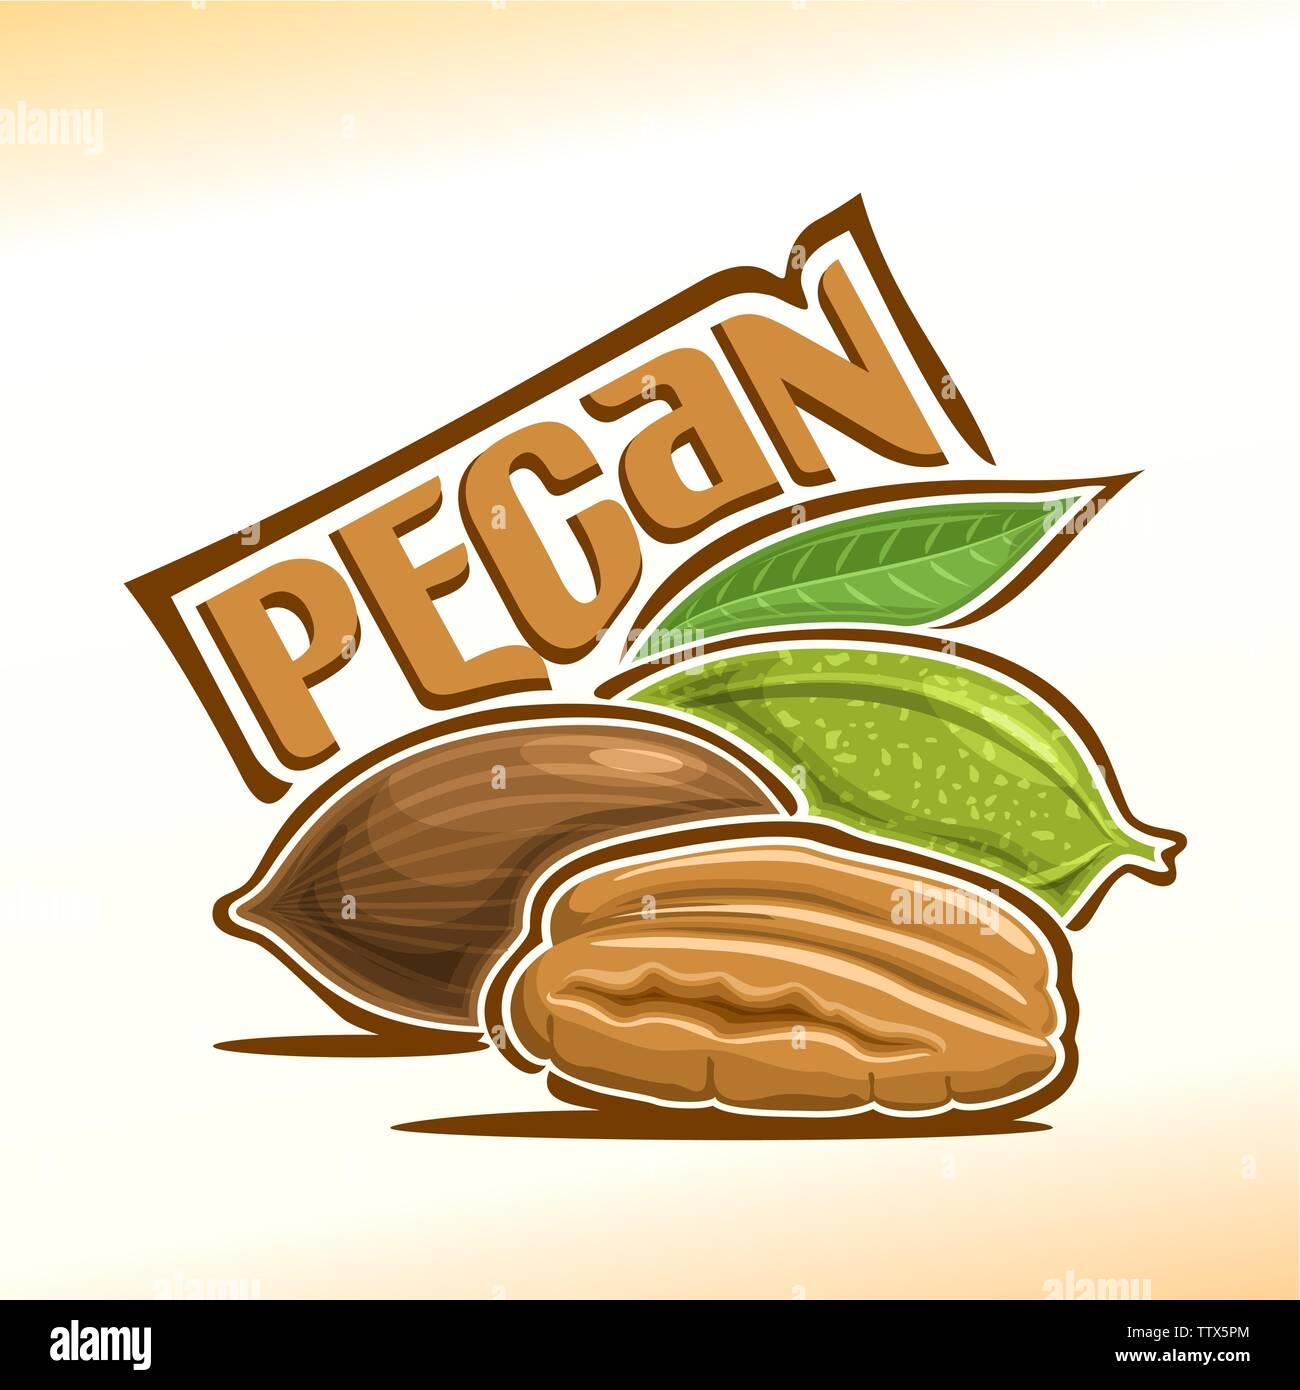 Vector logo for pecan - Stock Vector